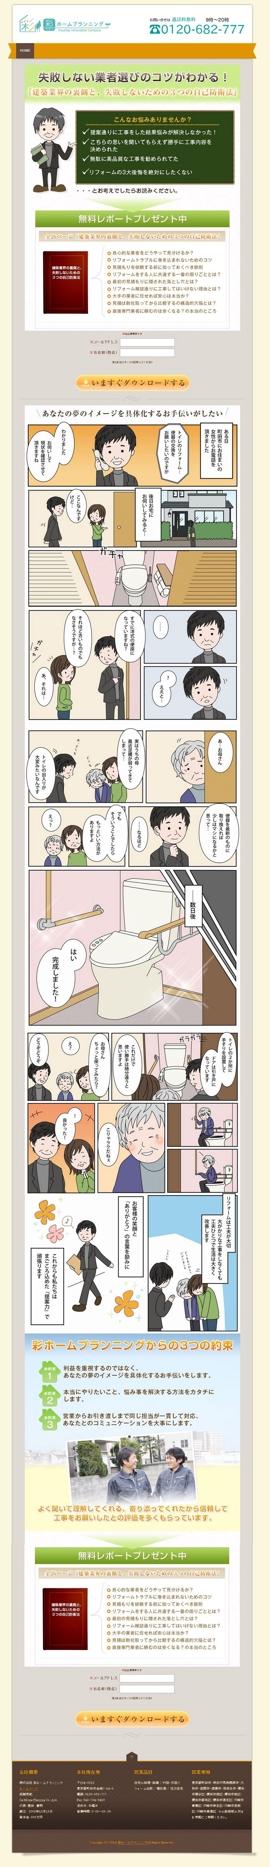 漫画ランディングページ リフォーム業